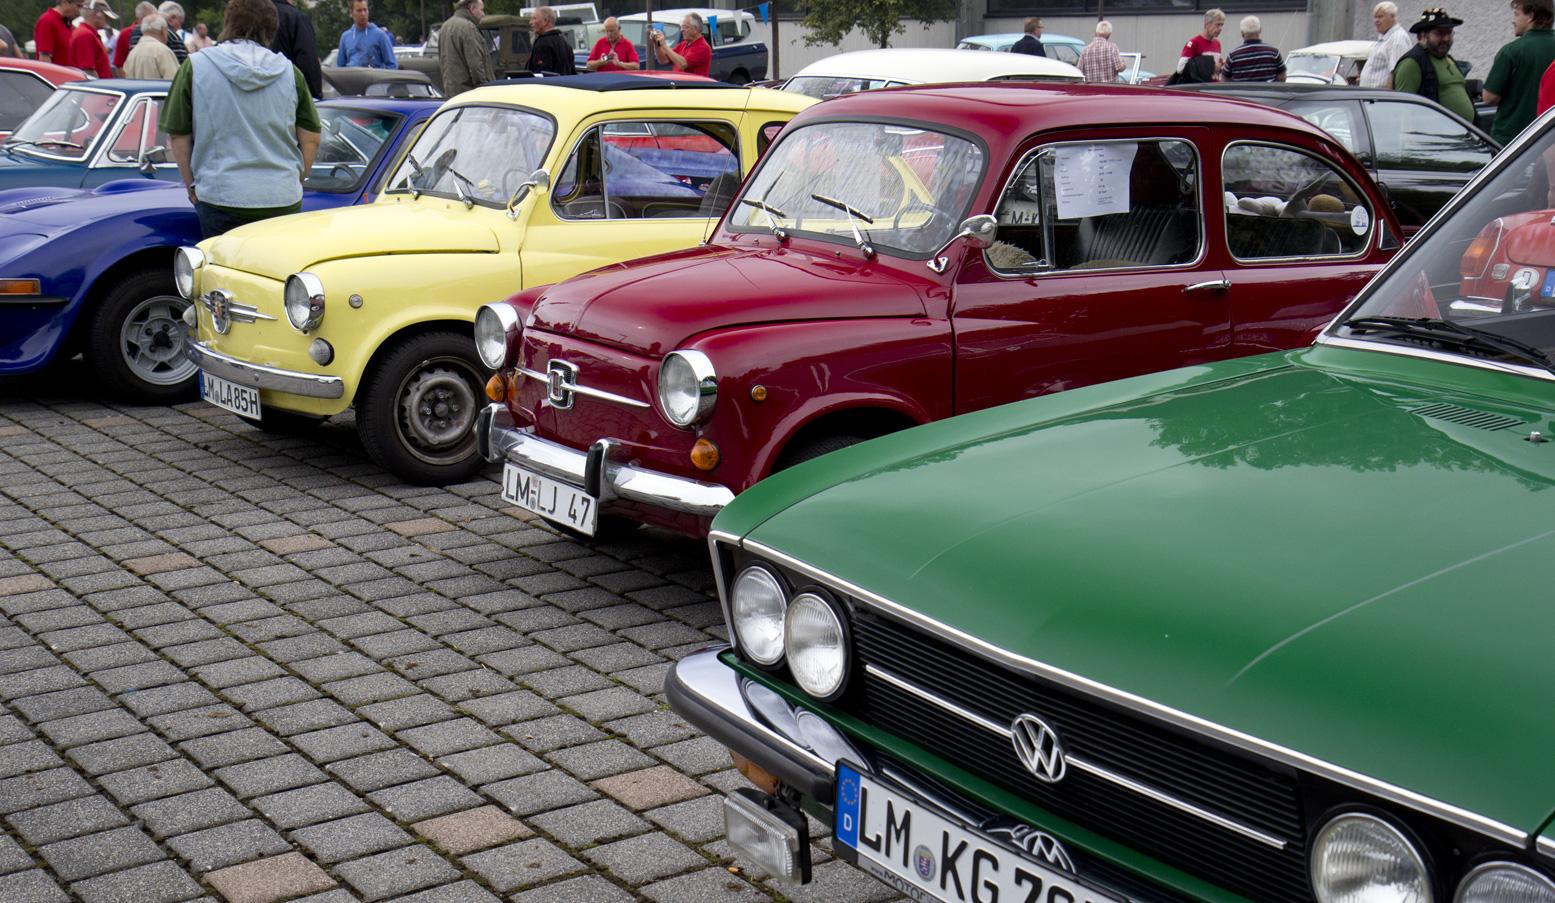 Gut aufgestellt: Die zwei Fiat oder besser Seat 600 zwischen Opel GT und VW.